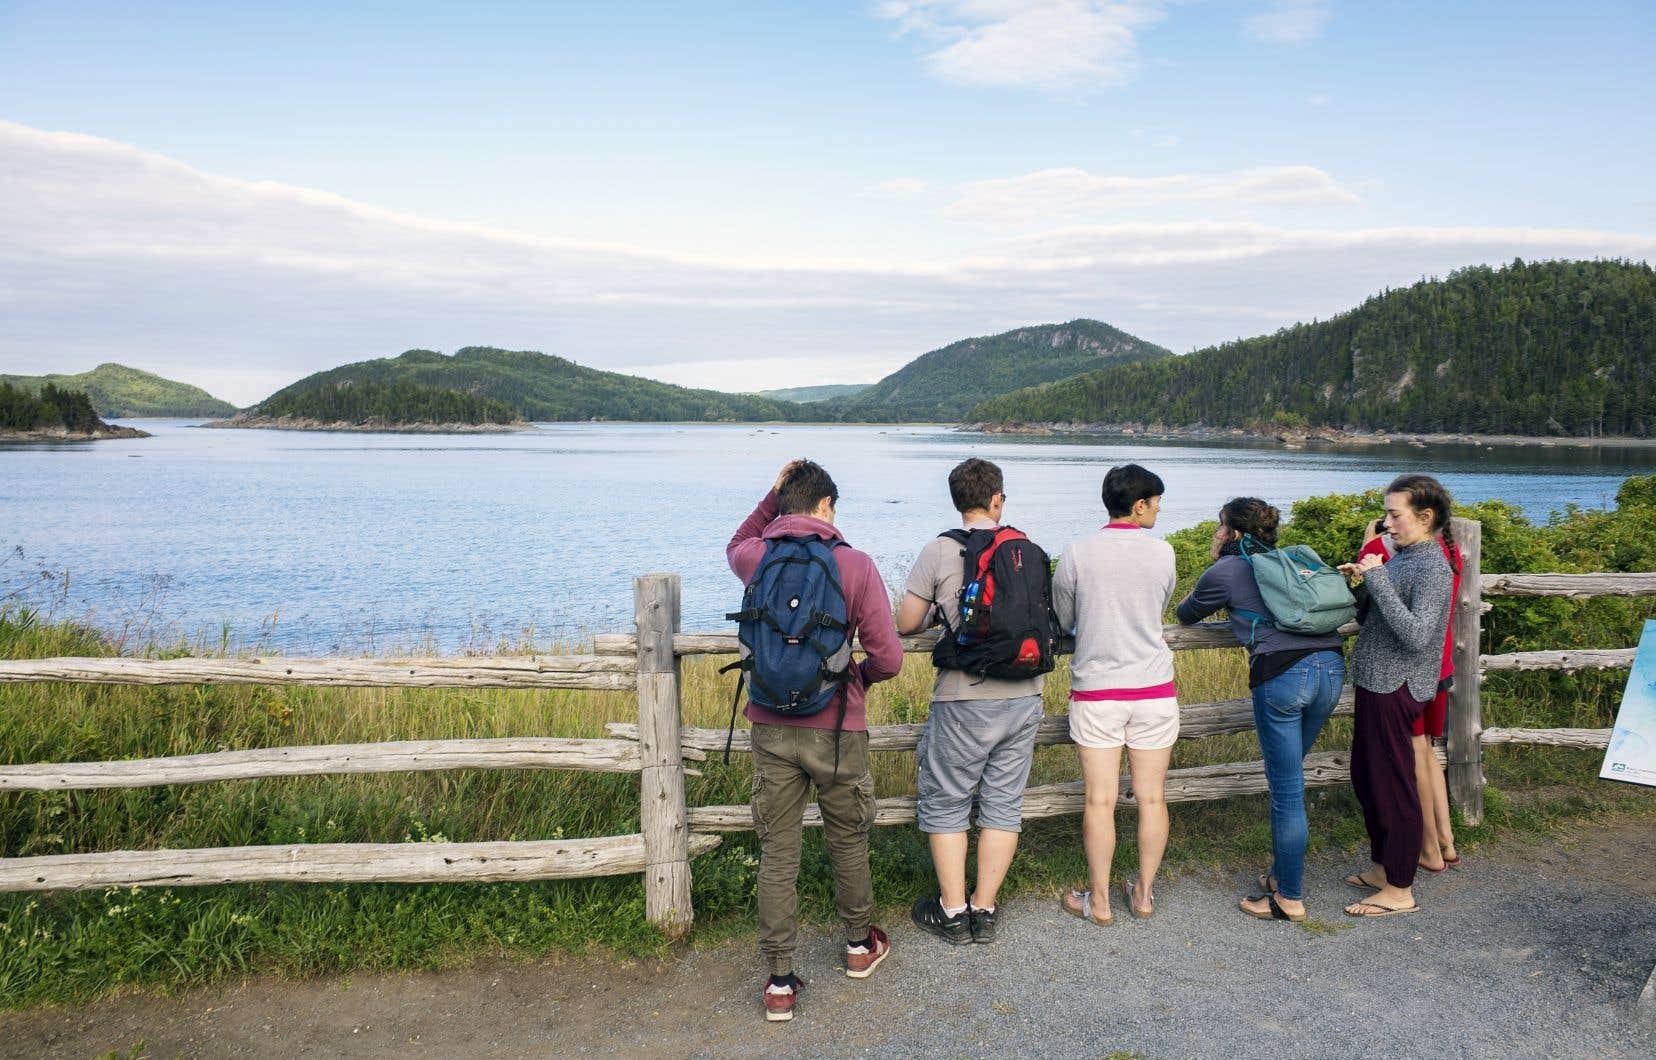 «Les offres limitées en transport et en logement dissuadent [les jeunes] de privilégier le Québec plutôt que les destinations internationales», estime l'auteur.